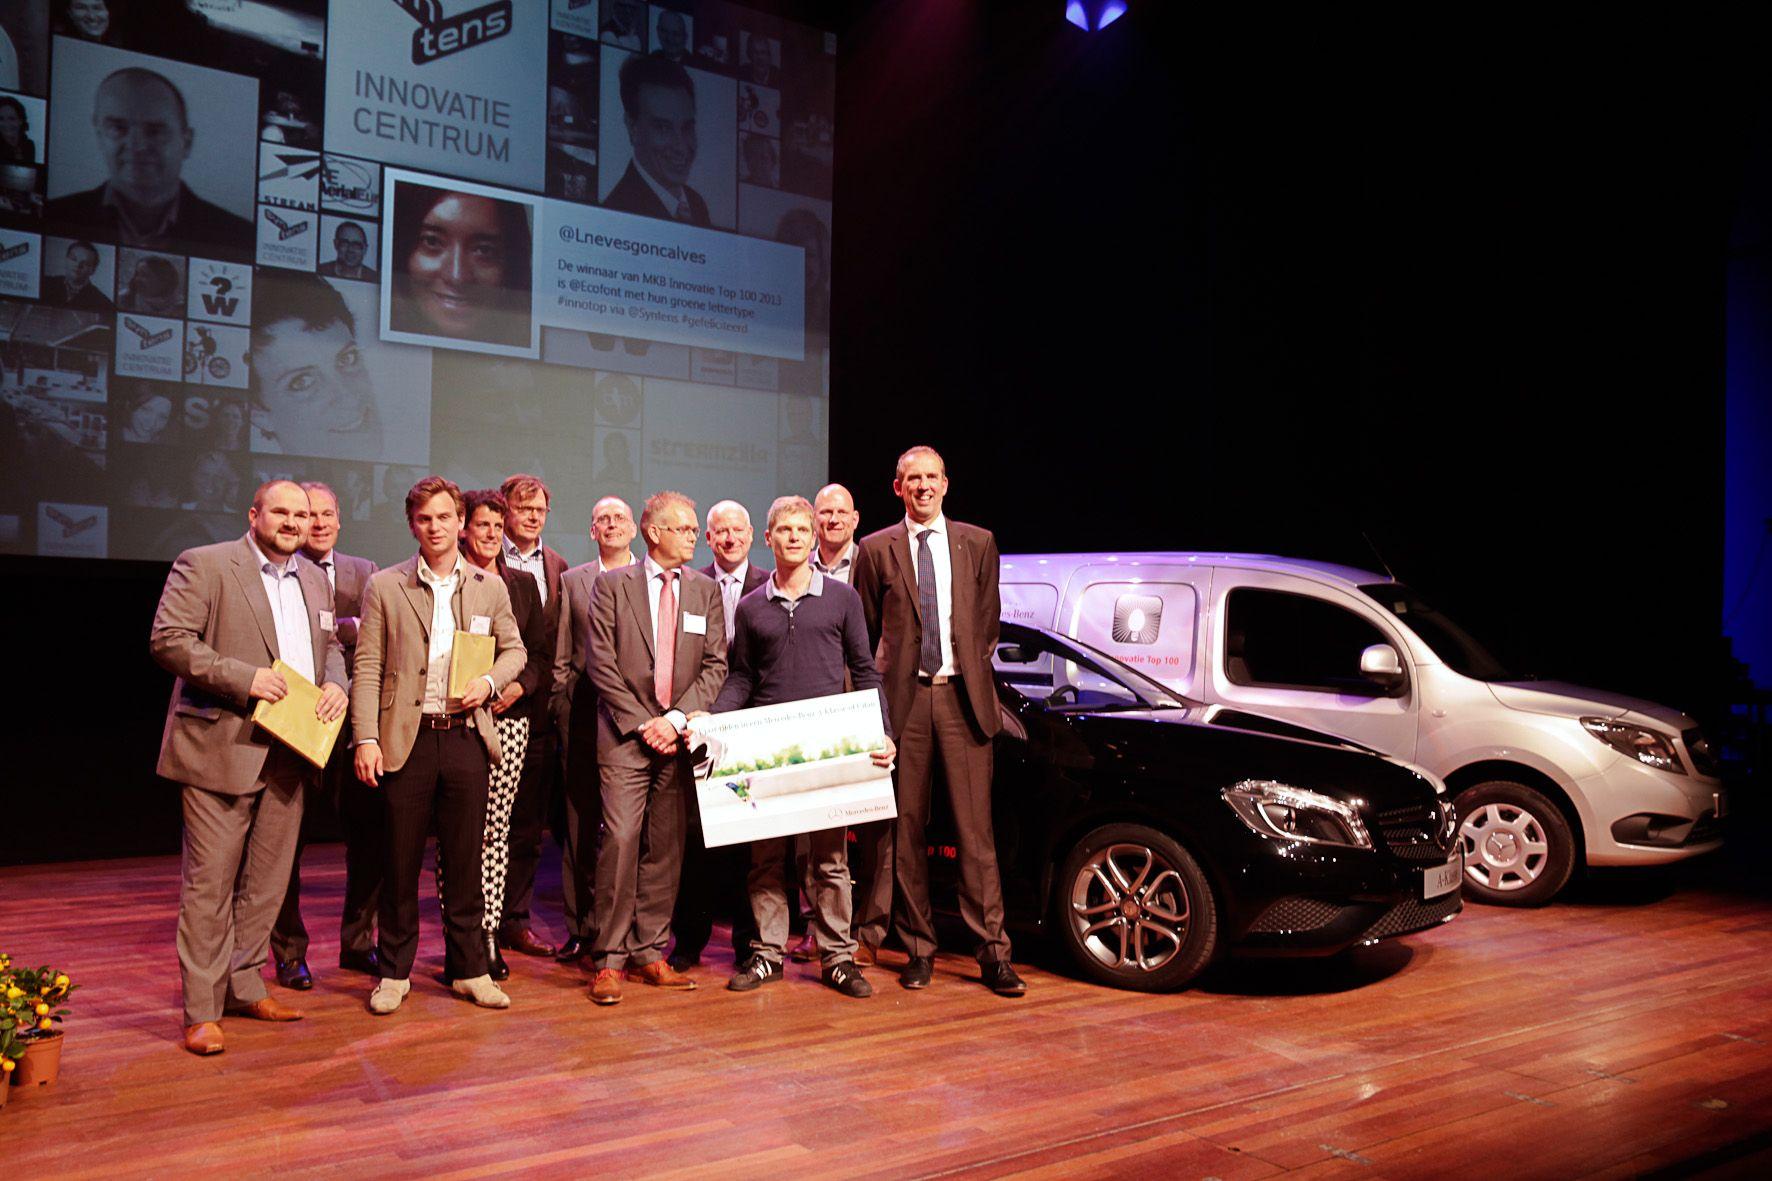 Wie staat er in 2014 prominent als winnaar in NRC Handelsblad en rijdt met in een Mercedes-Benz naar huis?